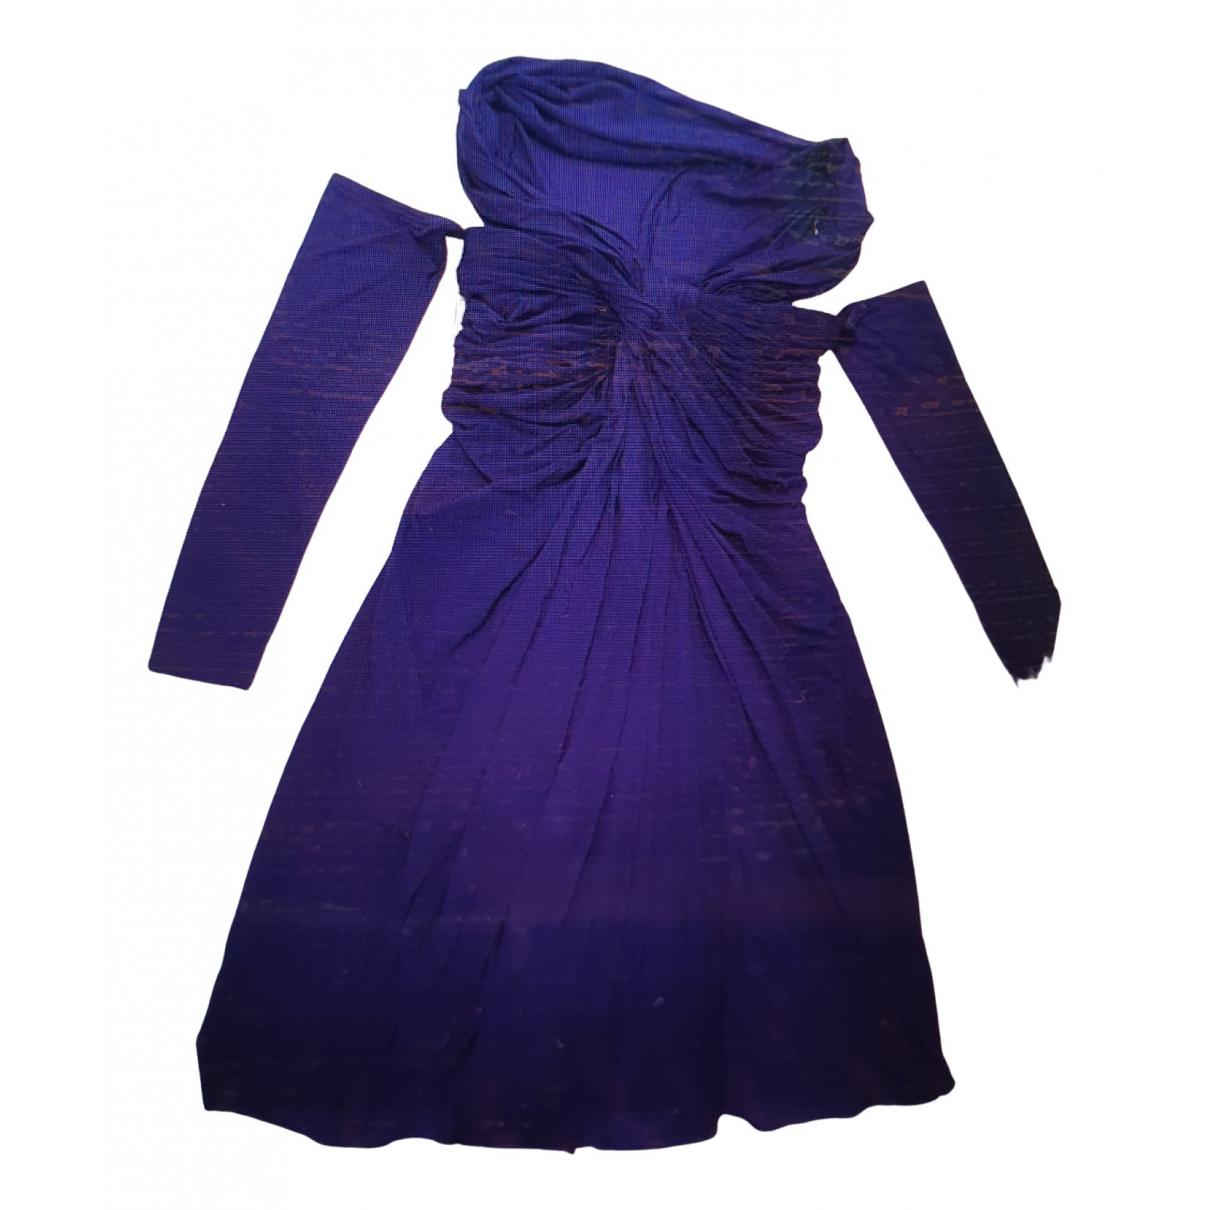 Donna Karan \N Kleid in  Lila Baumwolle - Elasthan